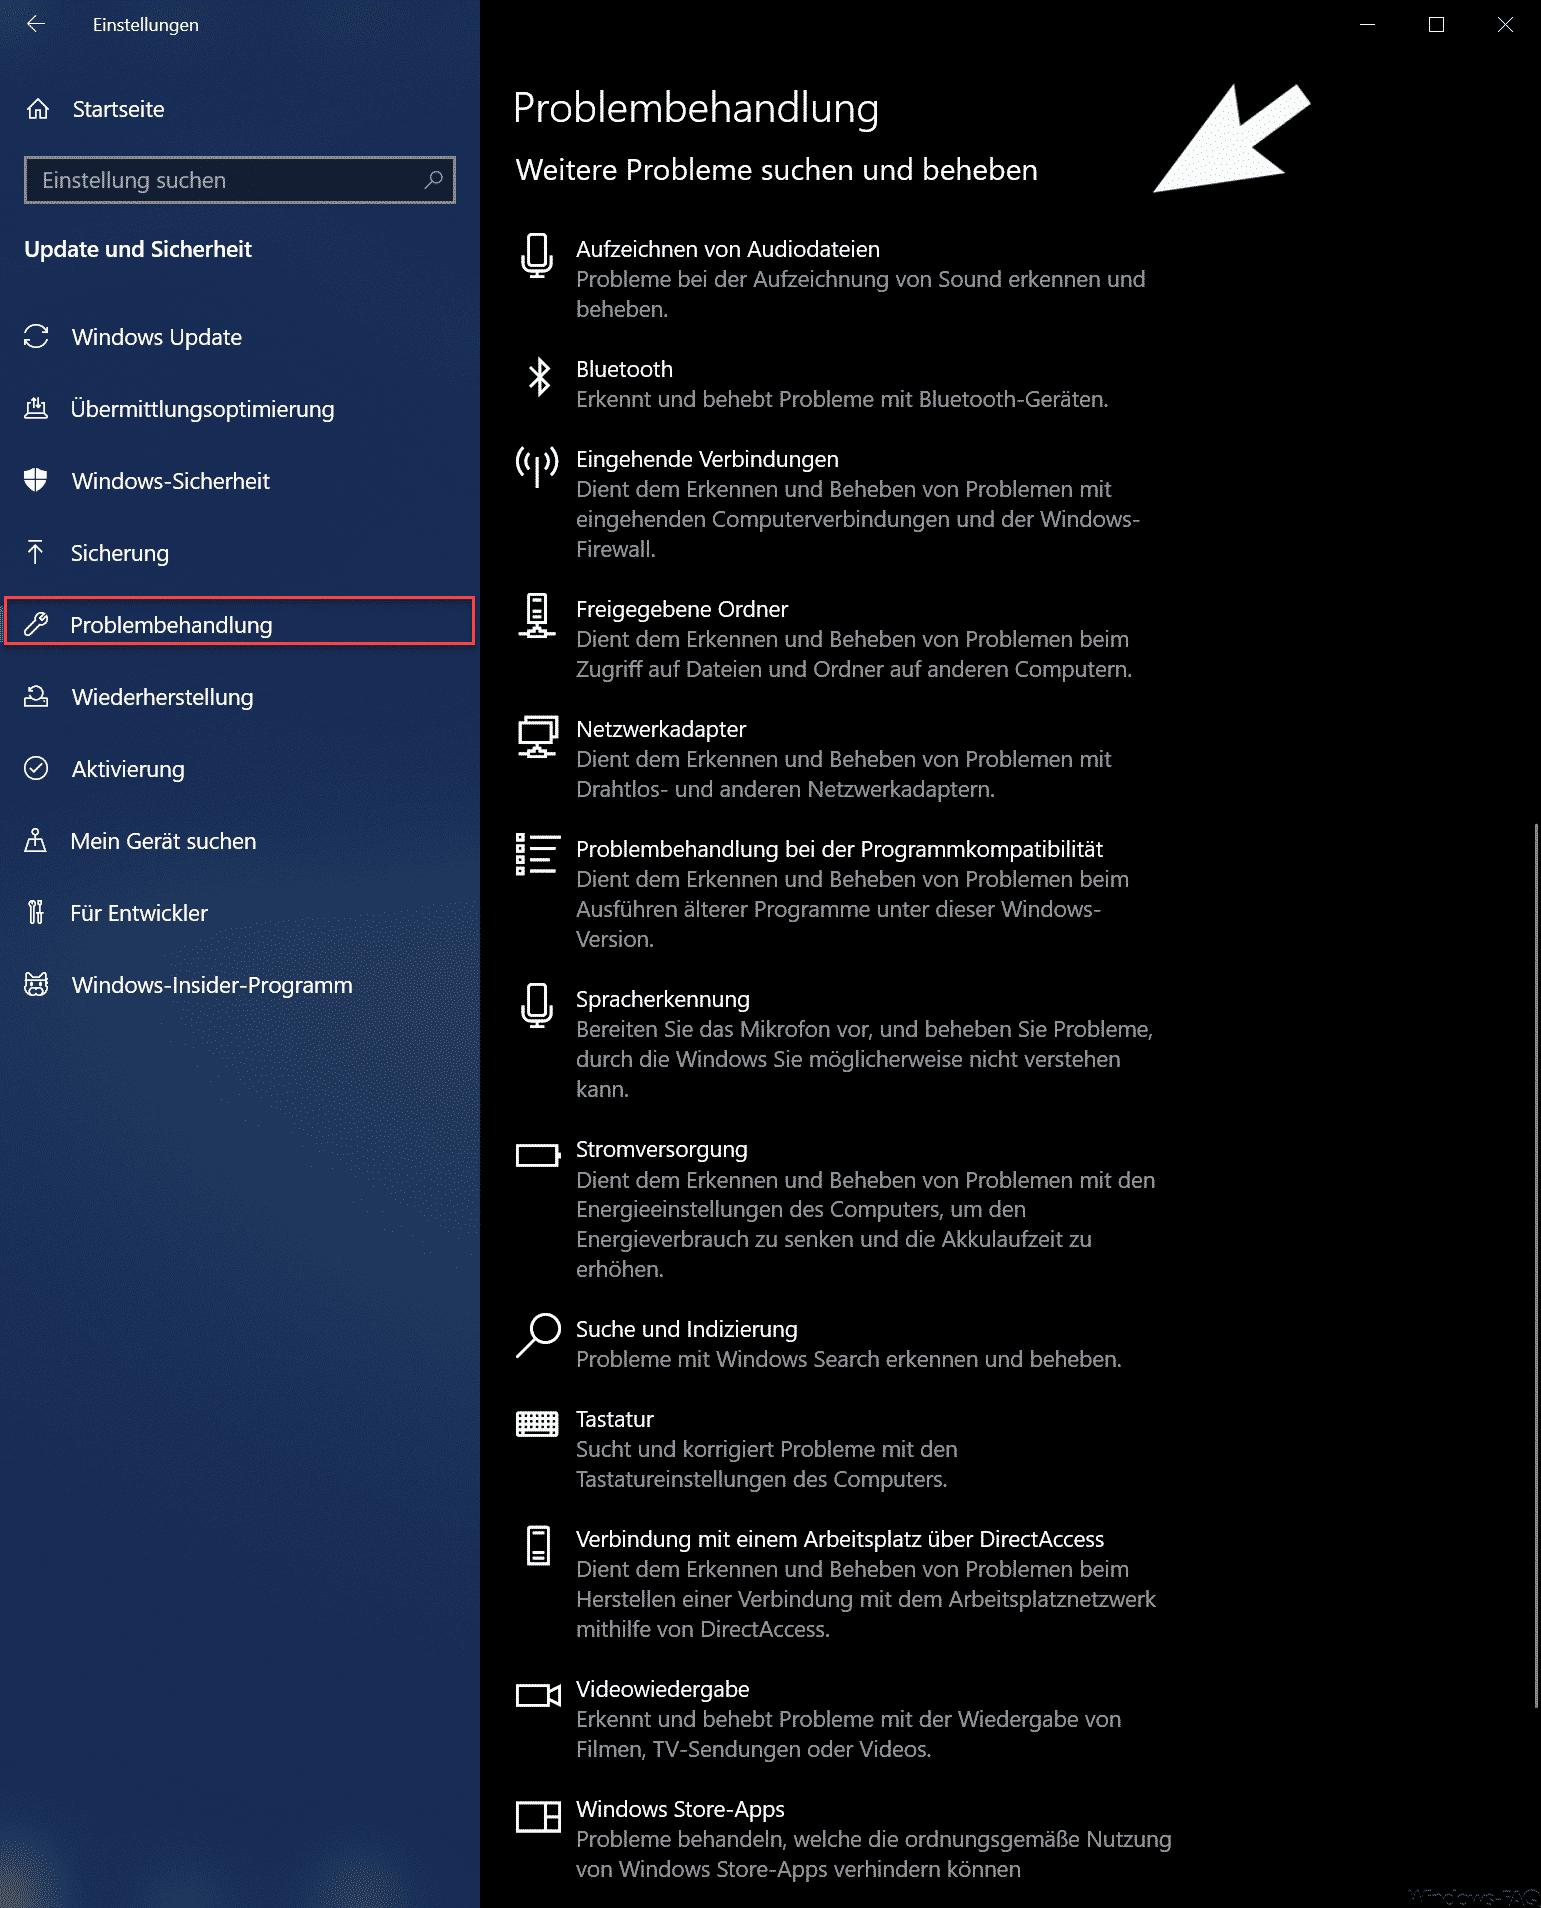 Windows 10 Probleme Beim Zurücksetzen